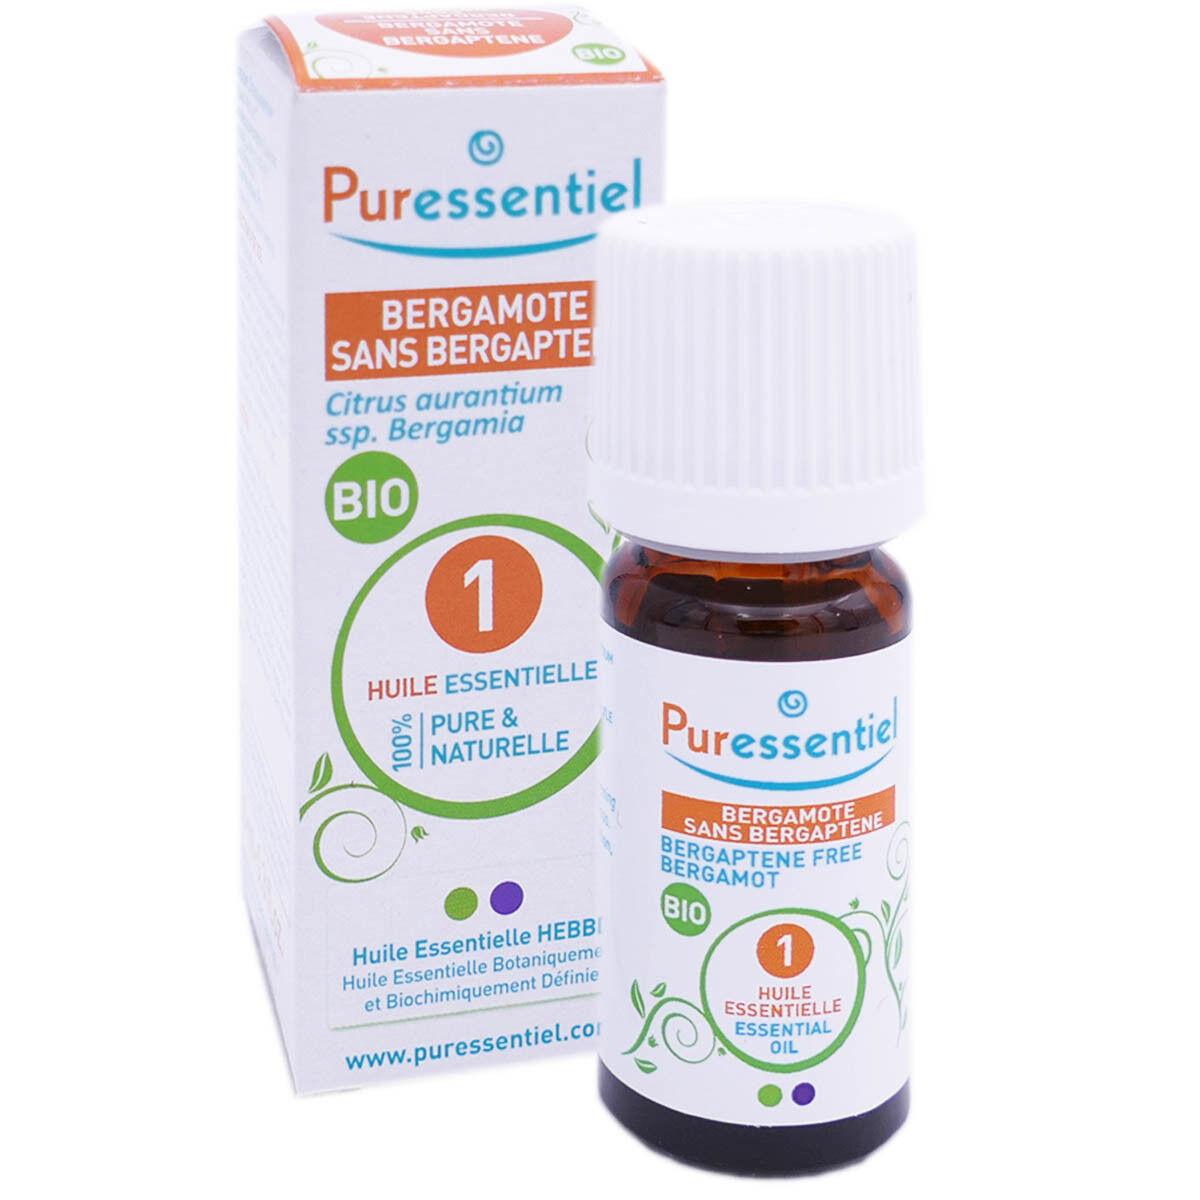 Puressentiel huile essentielle bergamote sans bergaptene bio 10ml